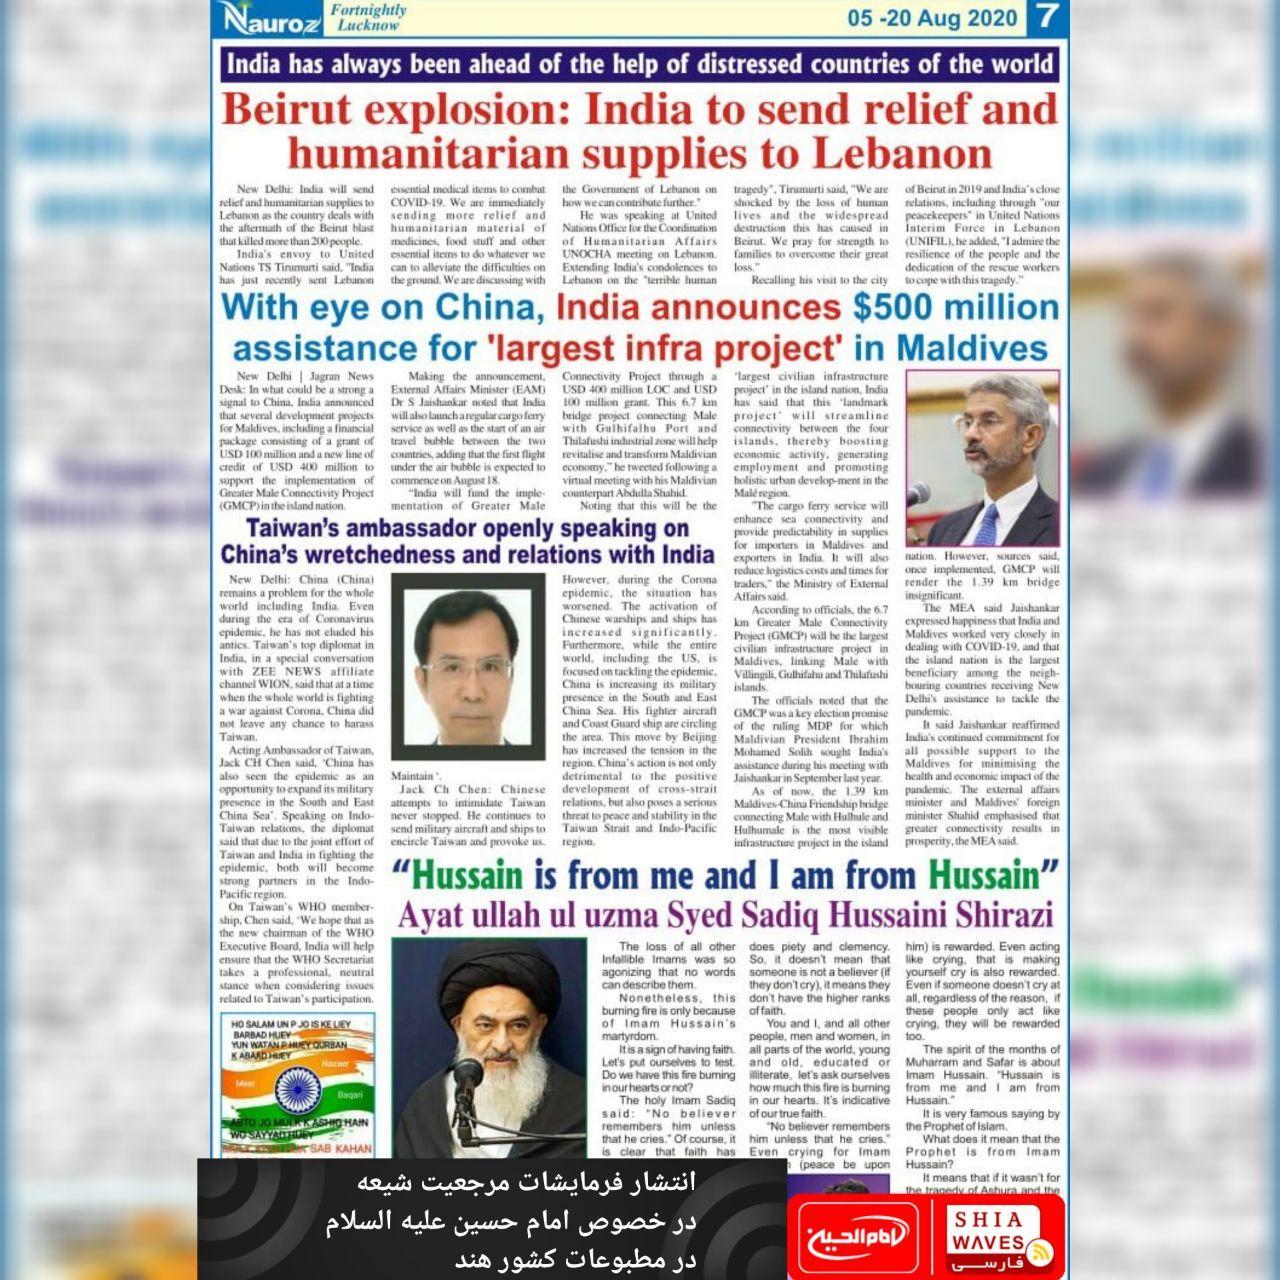 تصویر انتشار فرمایشات مرجعیت شیعه در خصوص امام حسین علیه السلام در مطبوعات کشور هند